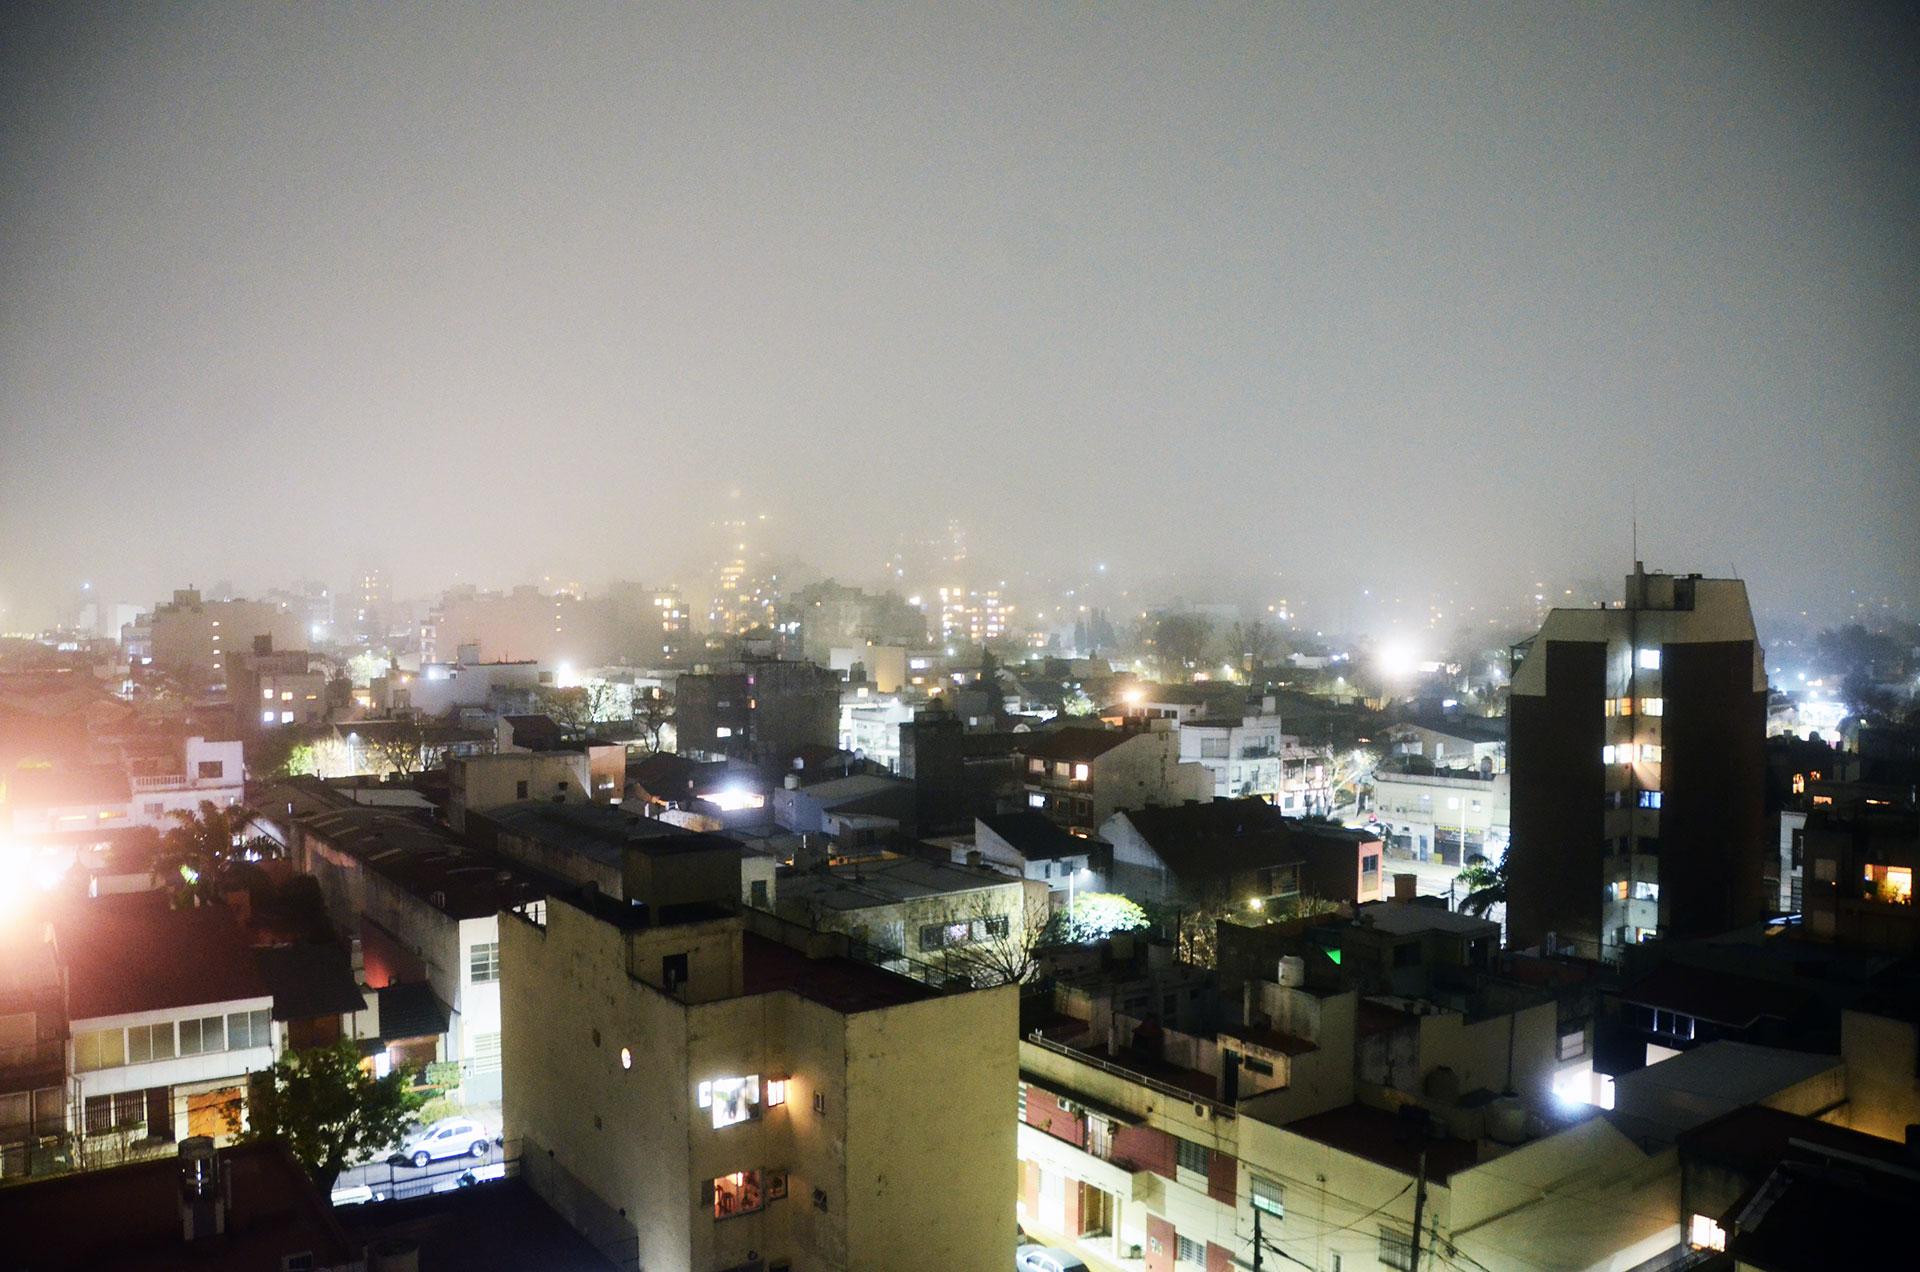 La neblina y la niebla son nubes a ras de piso con finísmas gotas de agua en suspensión